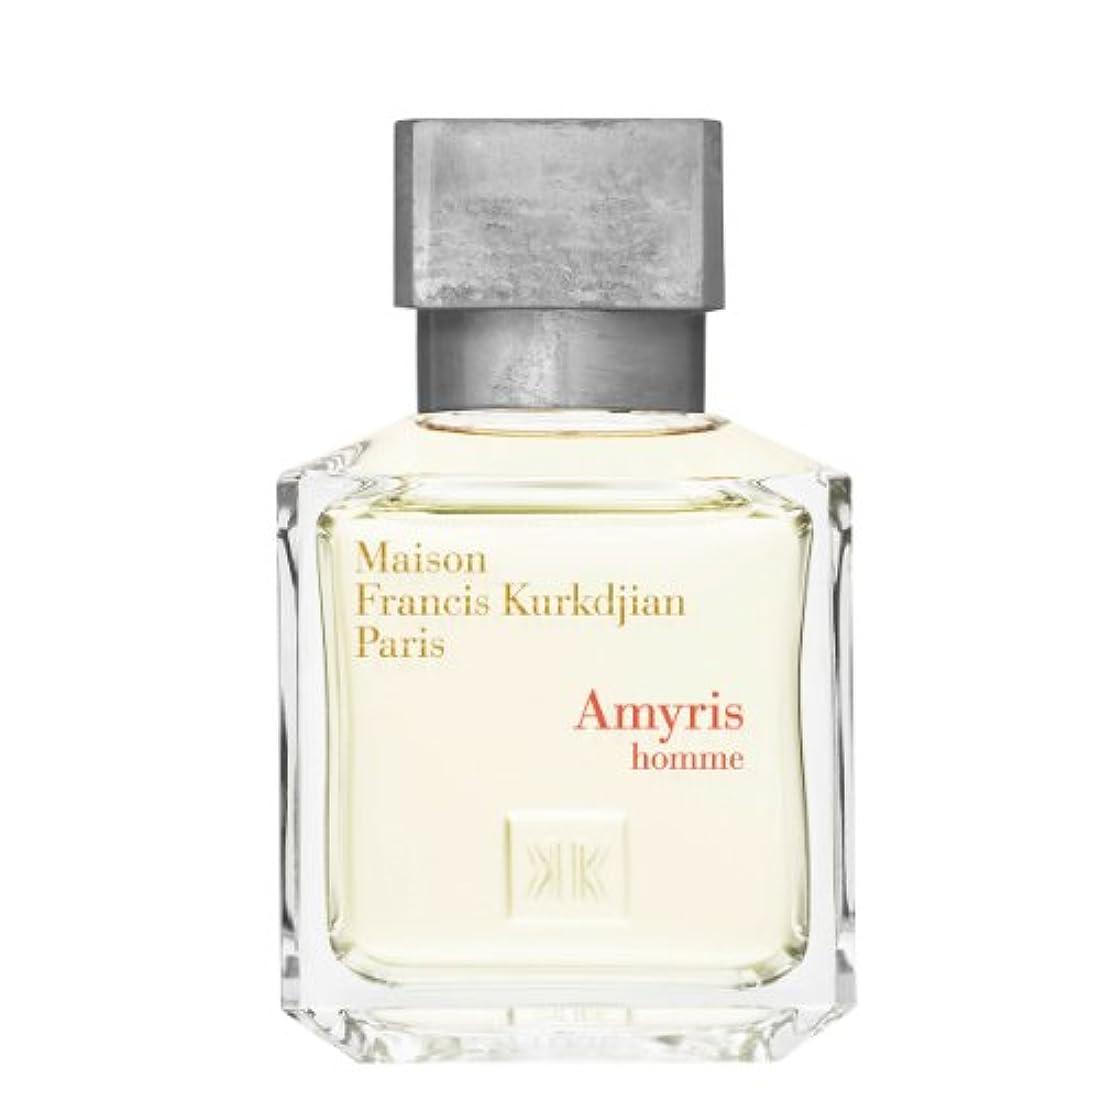 作りビン偶然のAmyris Homme by Maison Francis Kurkdjian Eau De Toilette Spray 2.4 oz / 71 ml (Men)